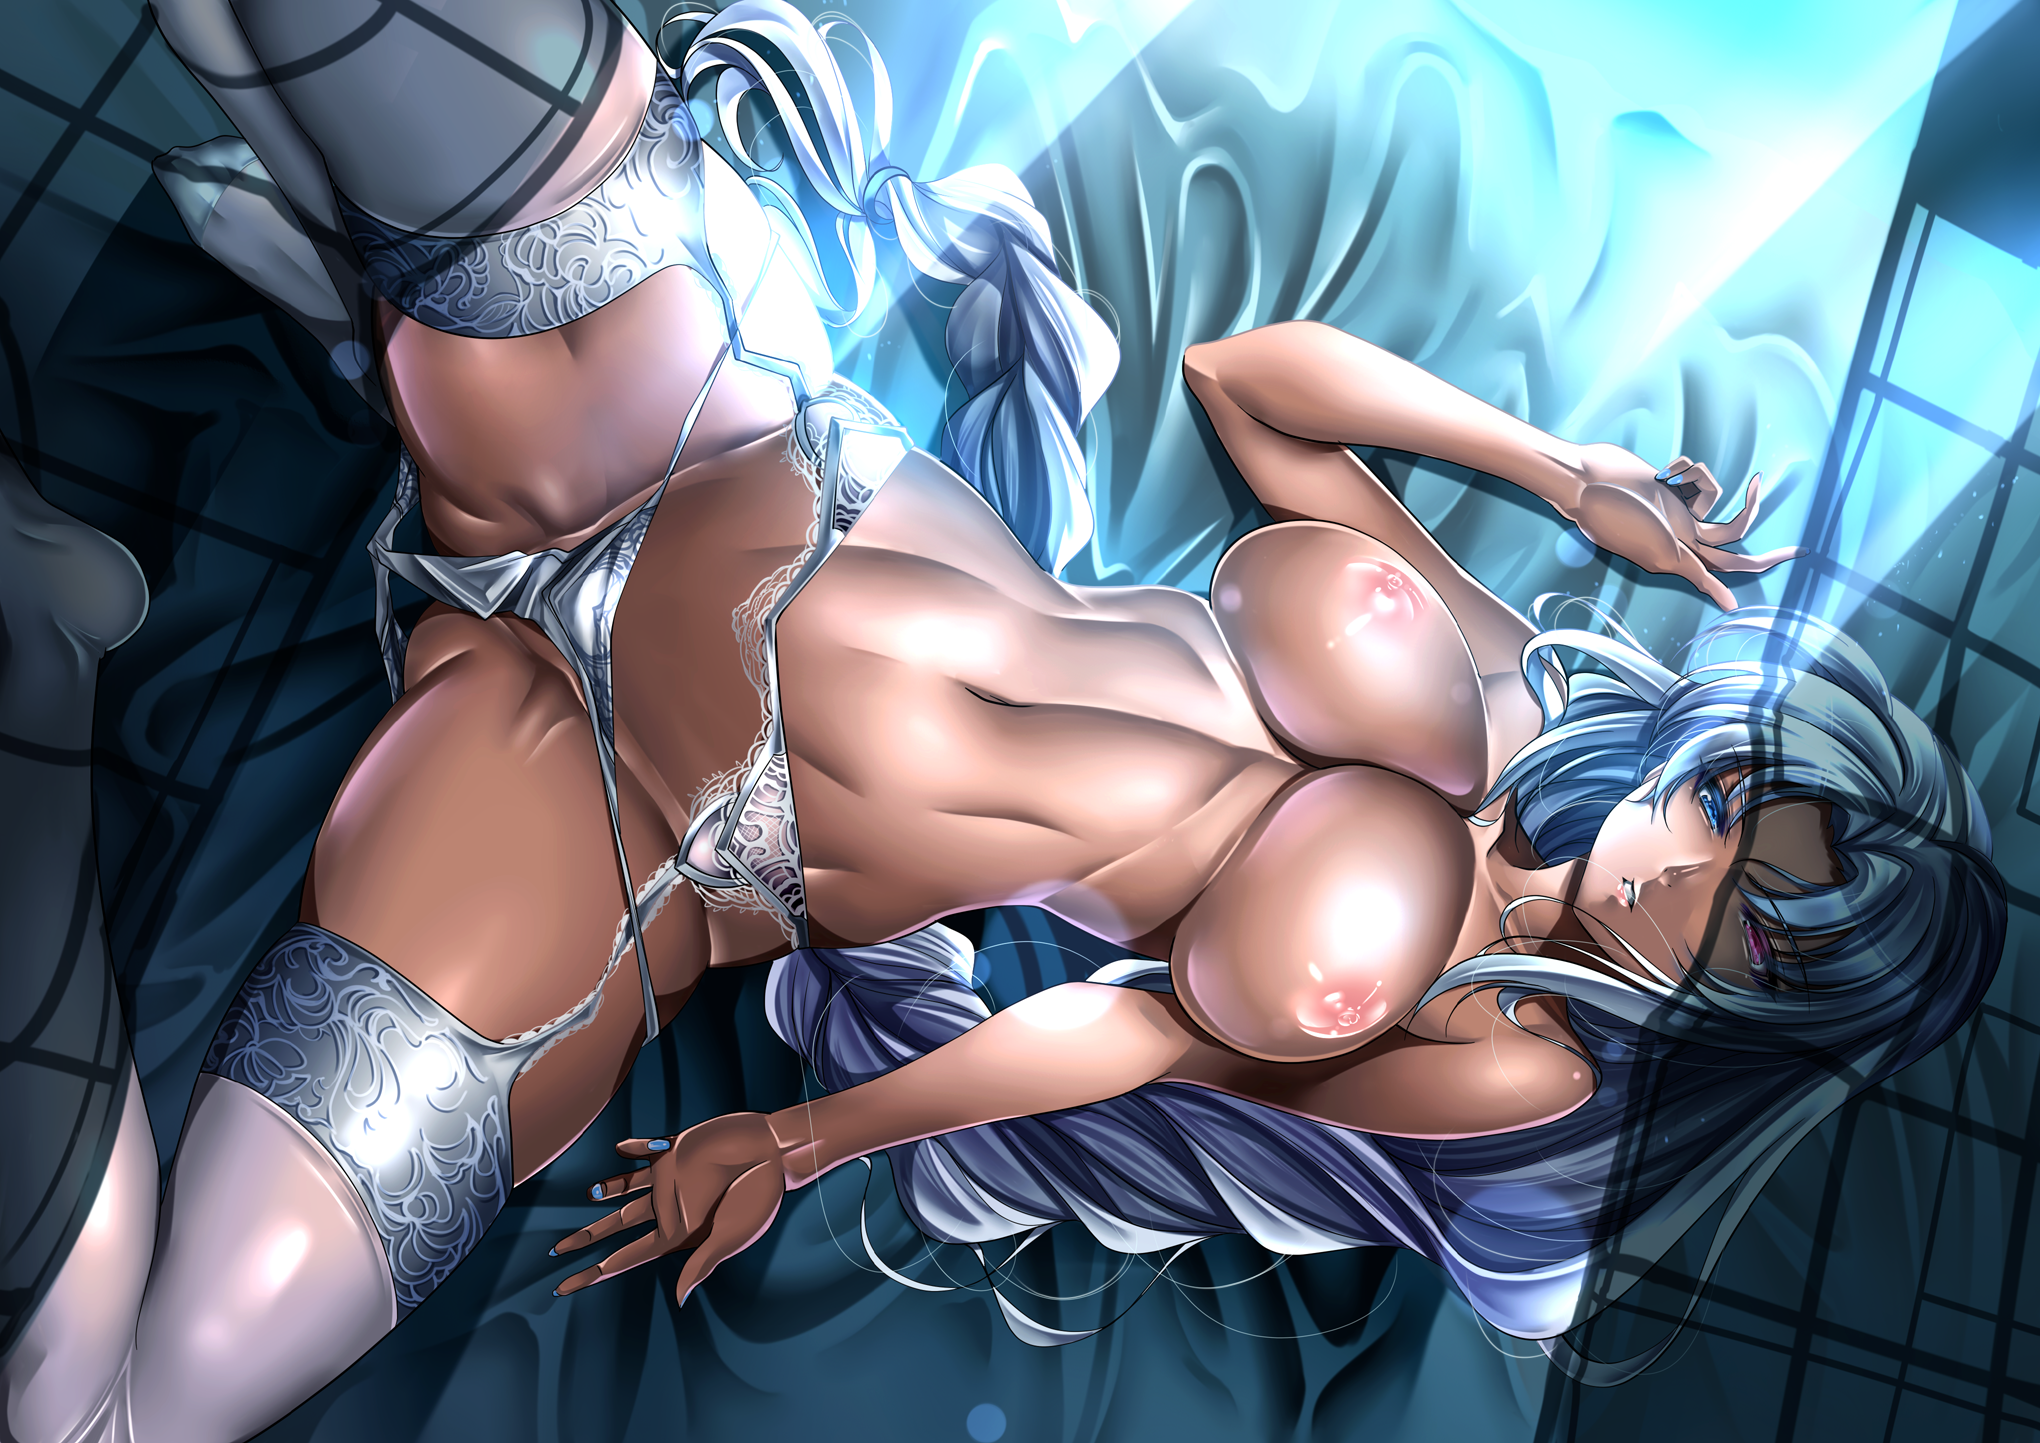 Hentai erotic photos pron actress